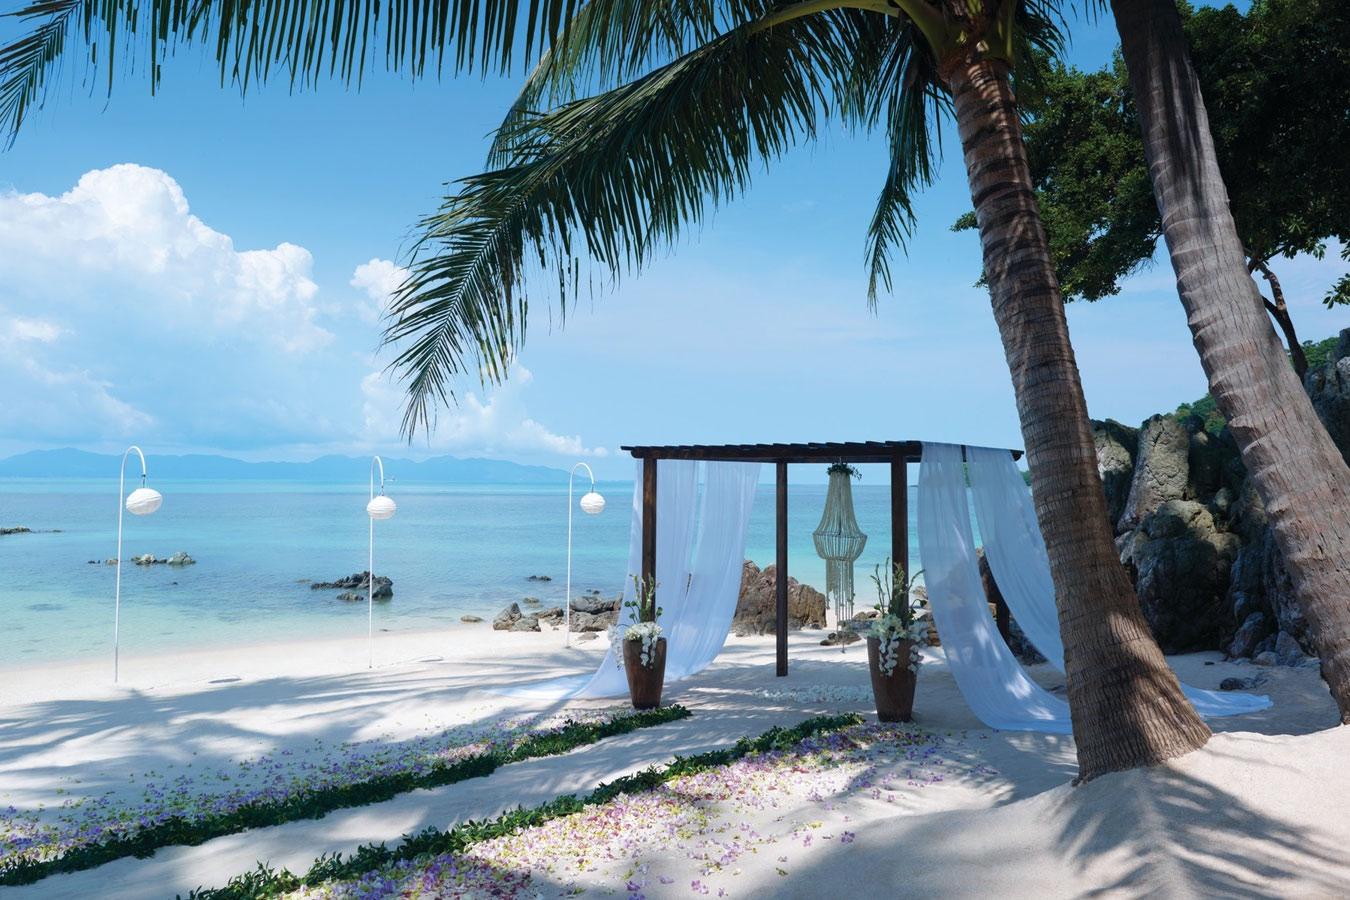 Four Seasons Resort & Spa, Koh Samui - The Luxury Spa Edit